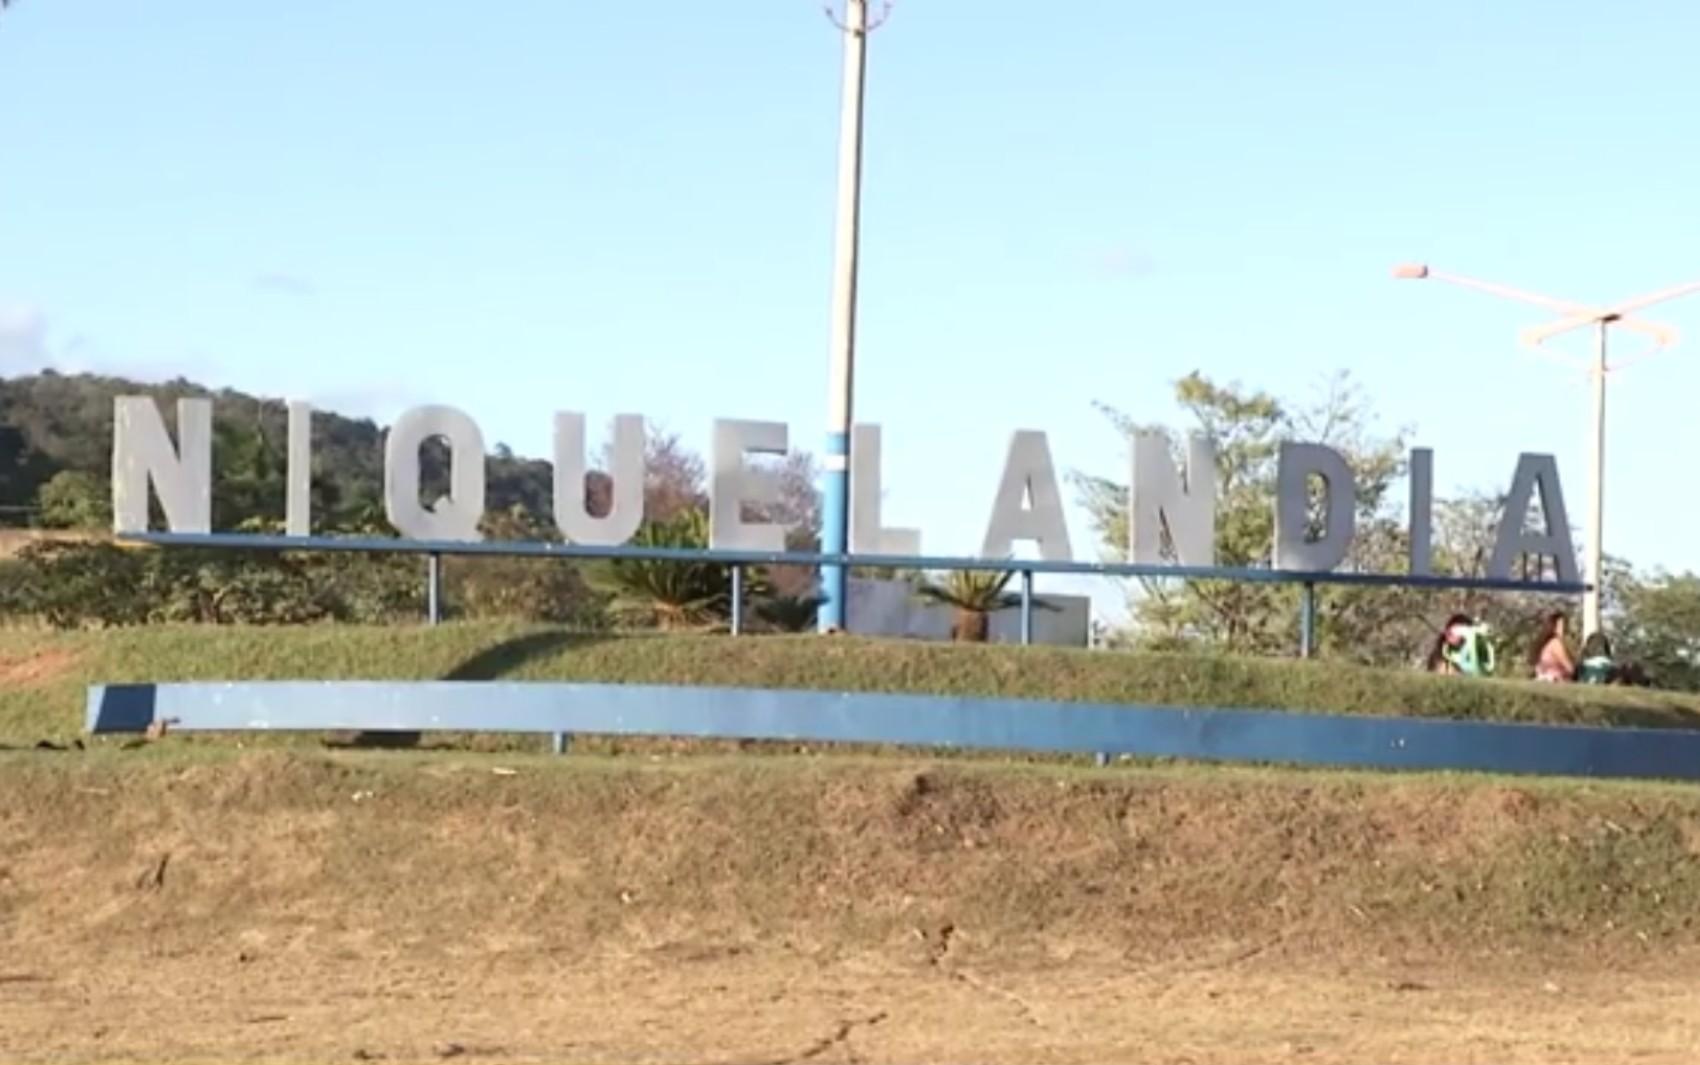 Vacinação em comunidades quilombolas de Niquelândia não é iniciada por suspeita de irregularidades